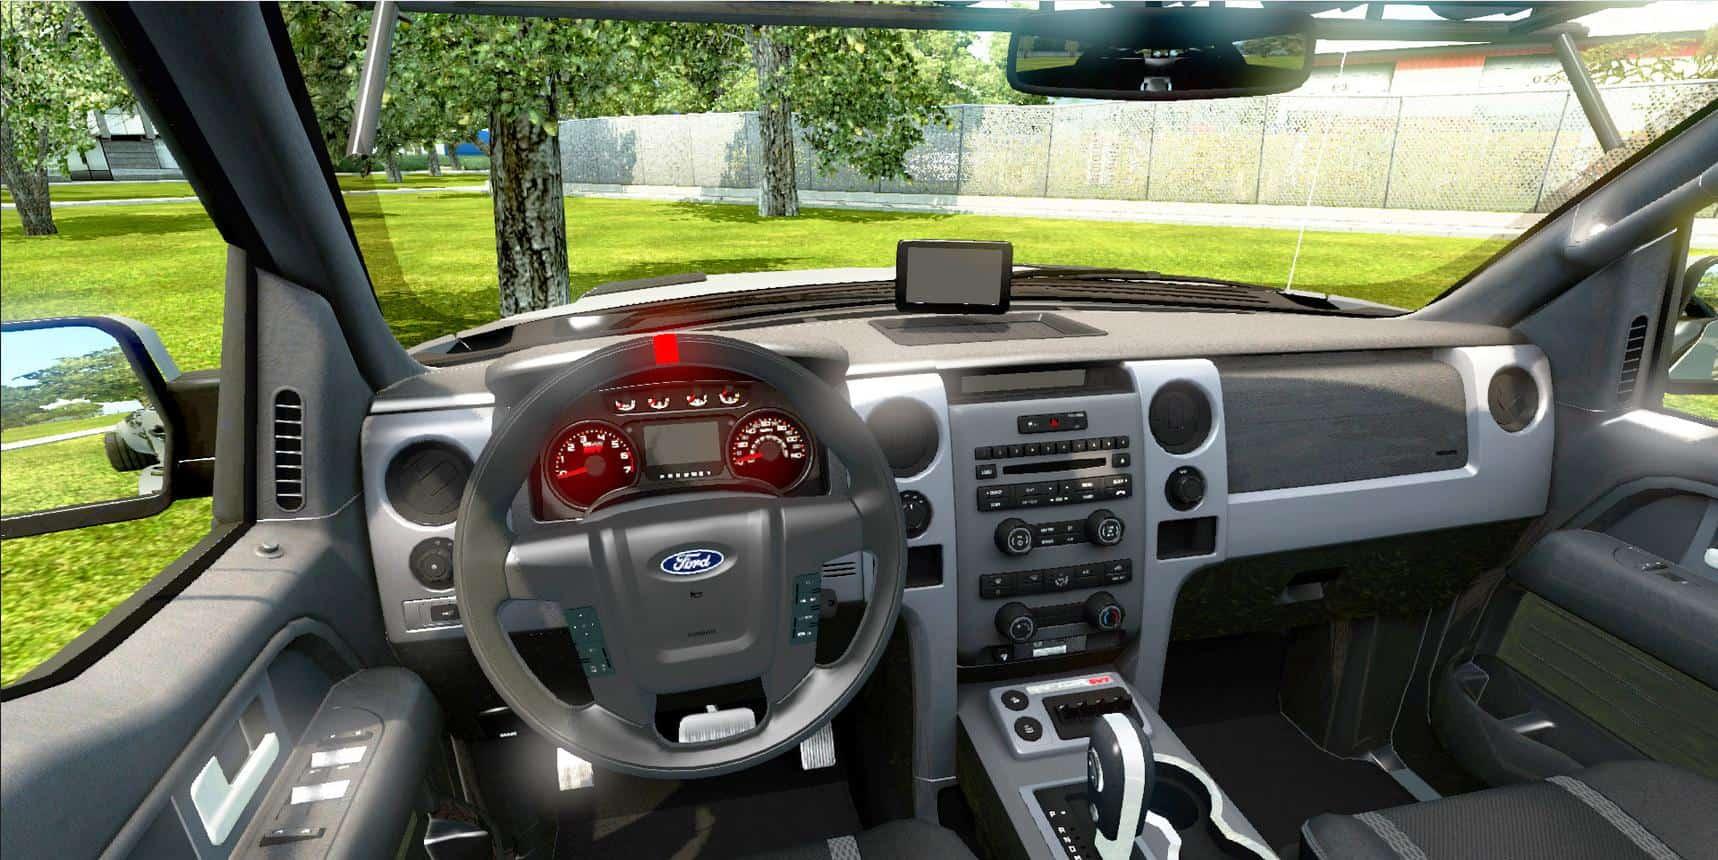 Ford F150 Svt Raptor 2019 1 35 X Car Ets2 Mod